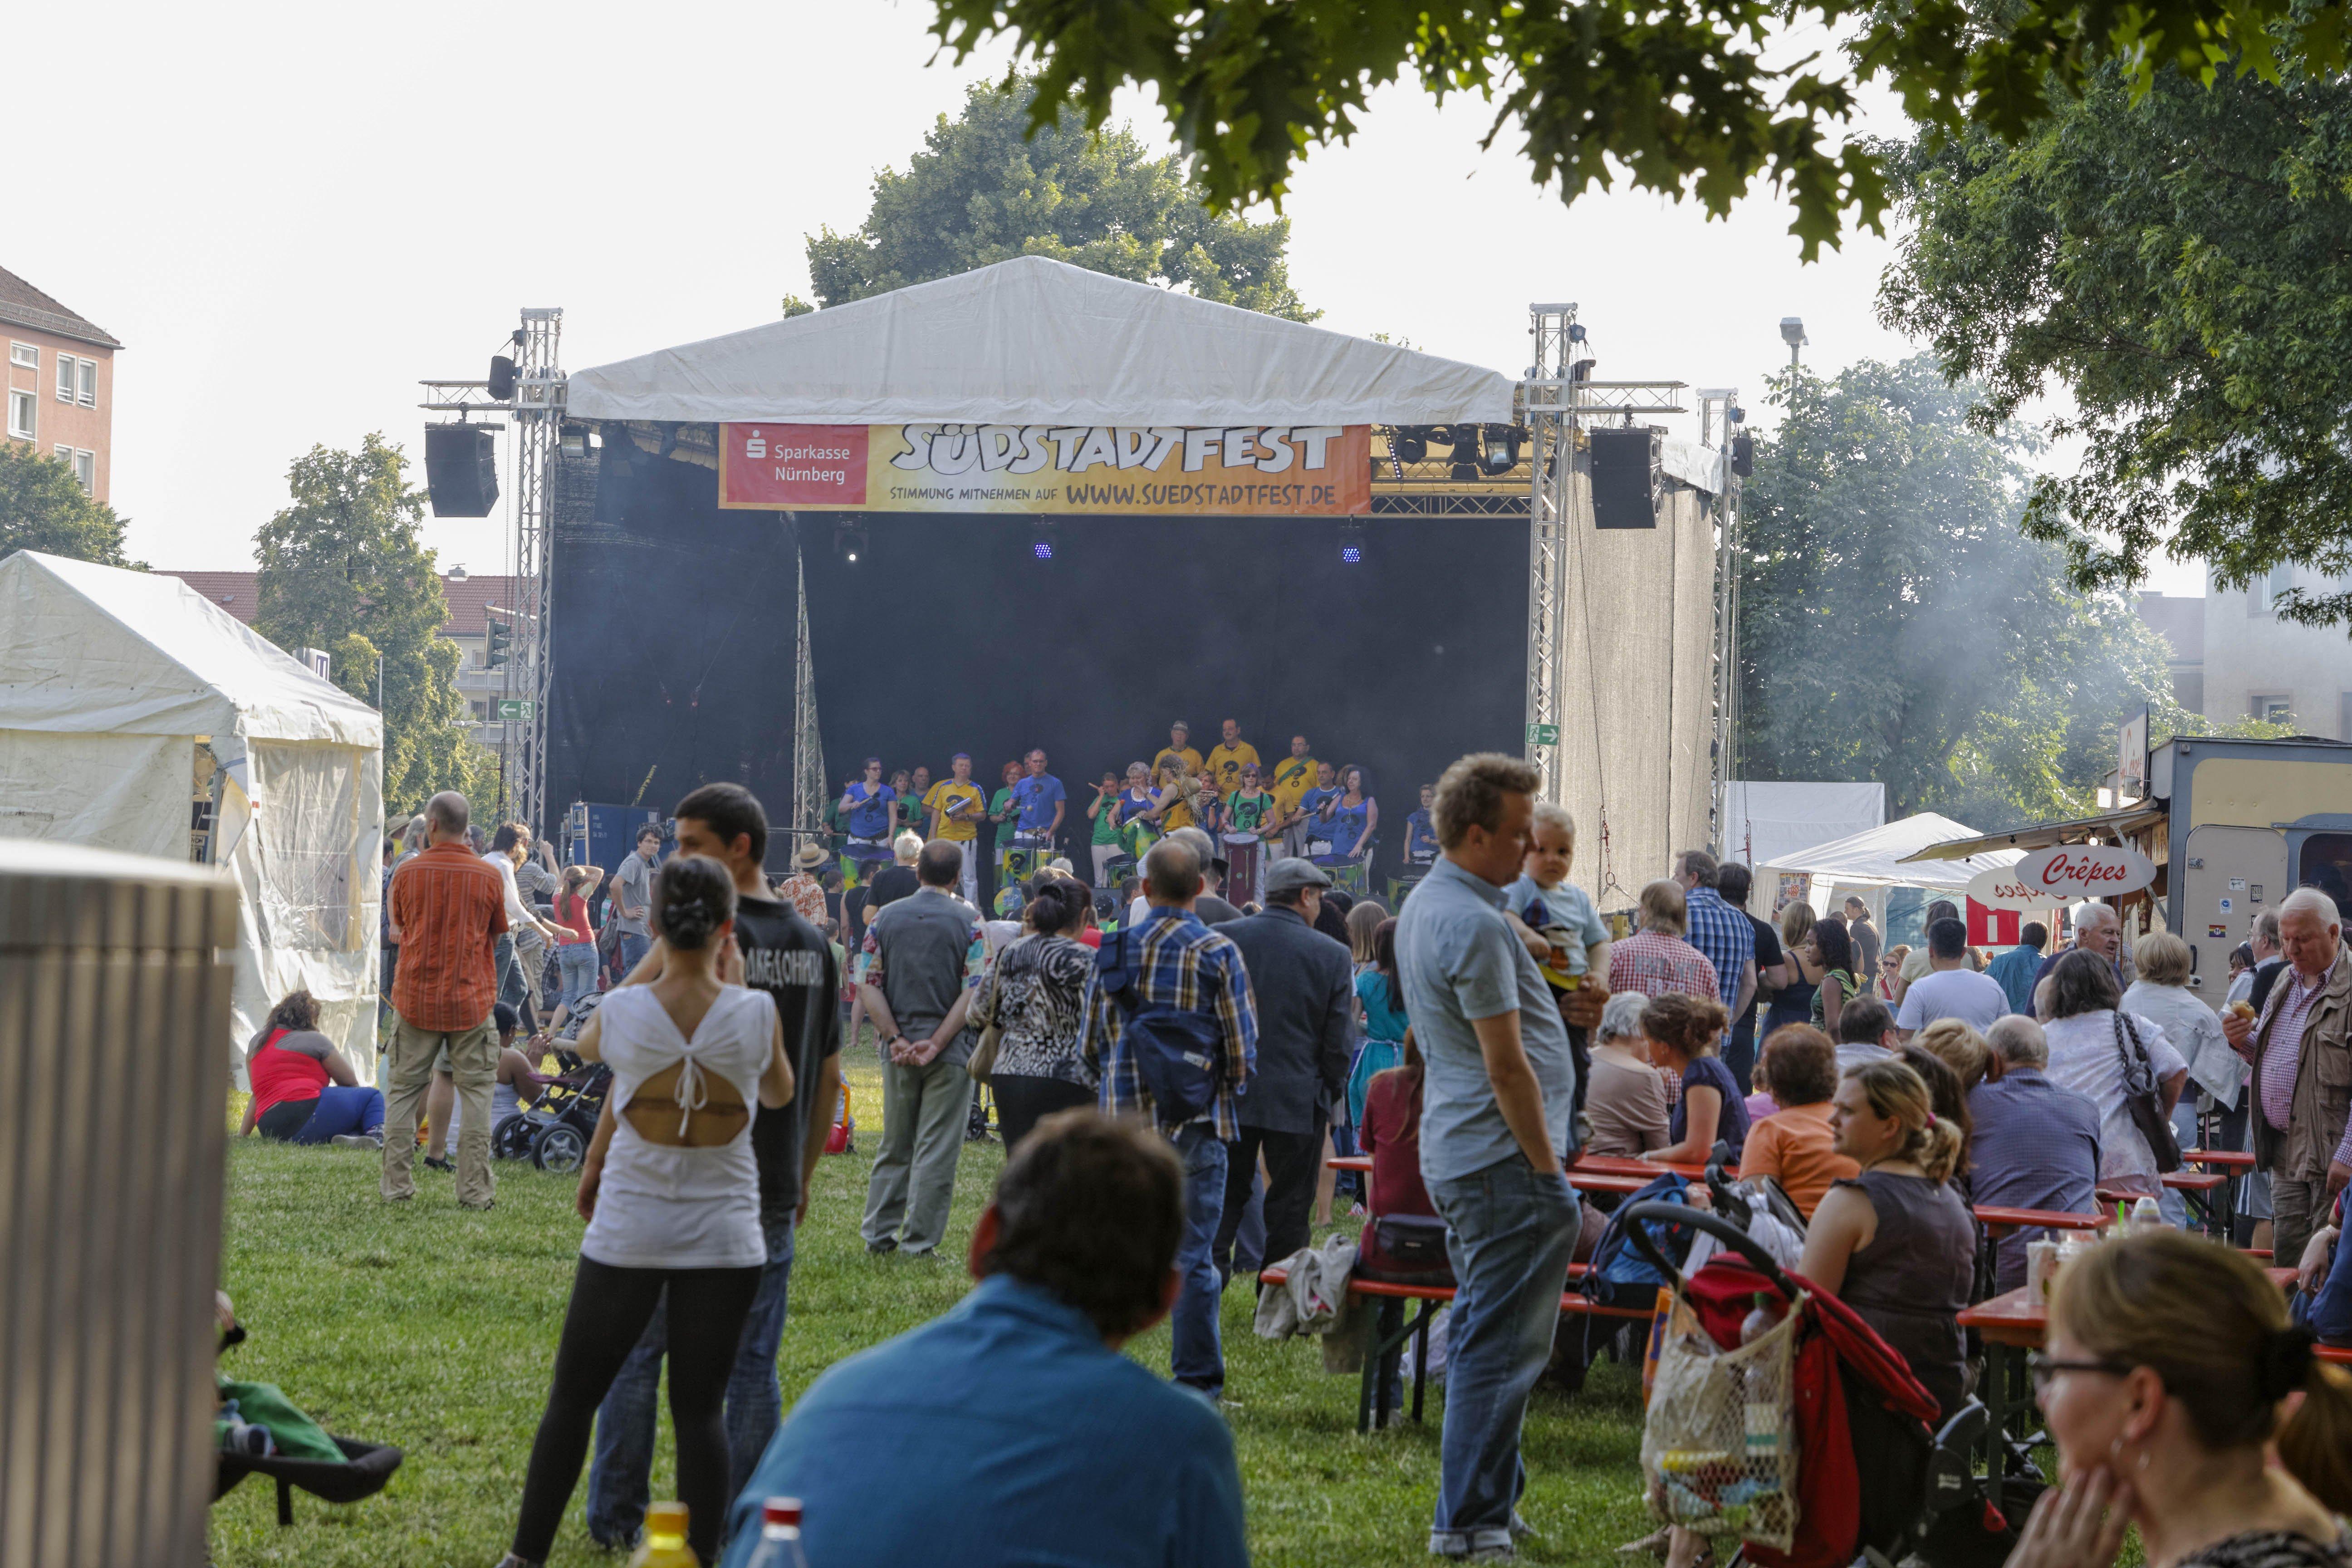 Südstadtfest 2017 - 37. Edition - © Veranstalter